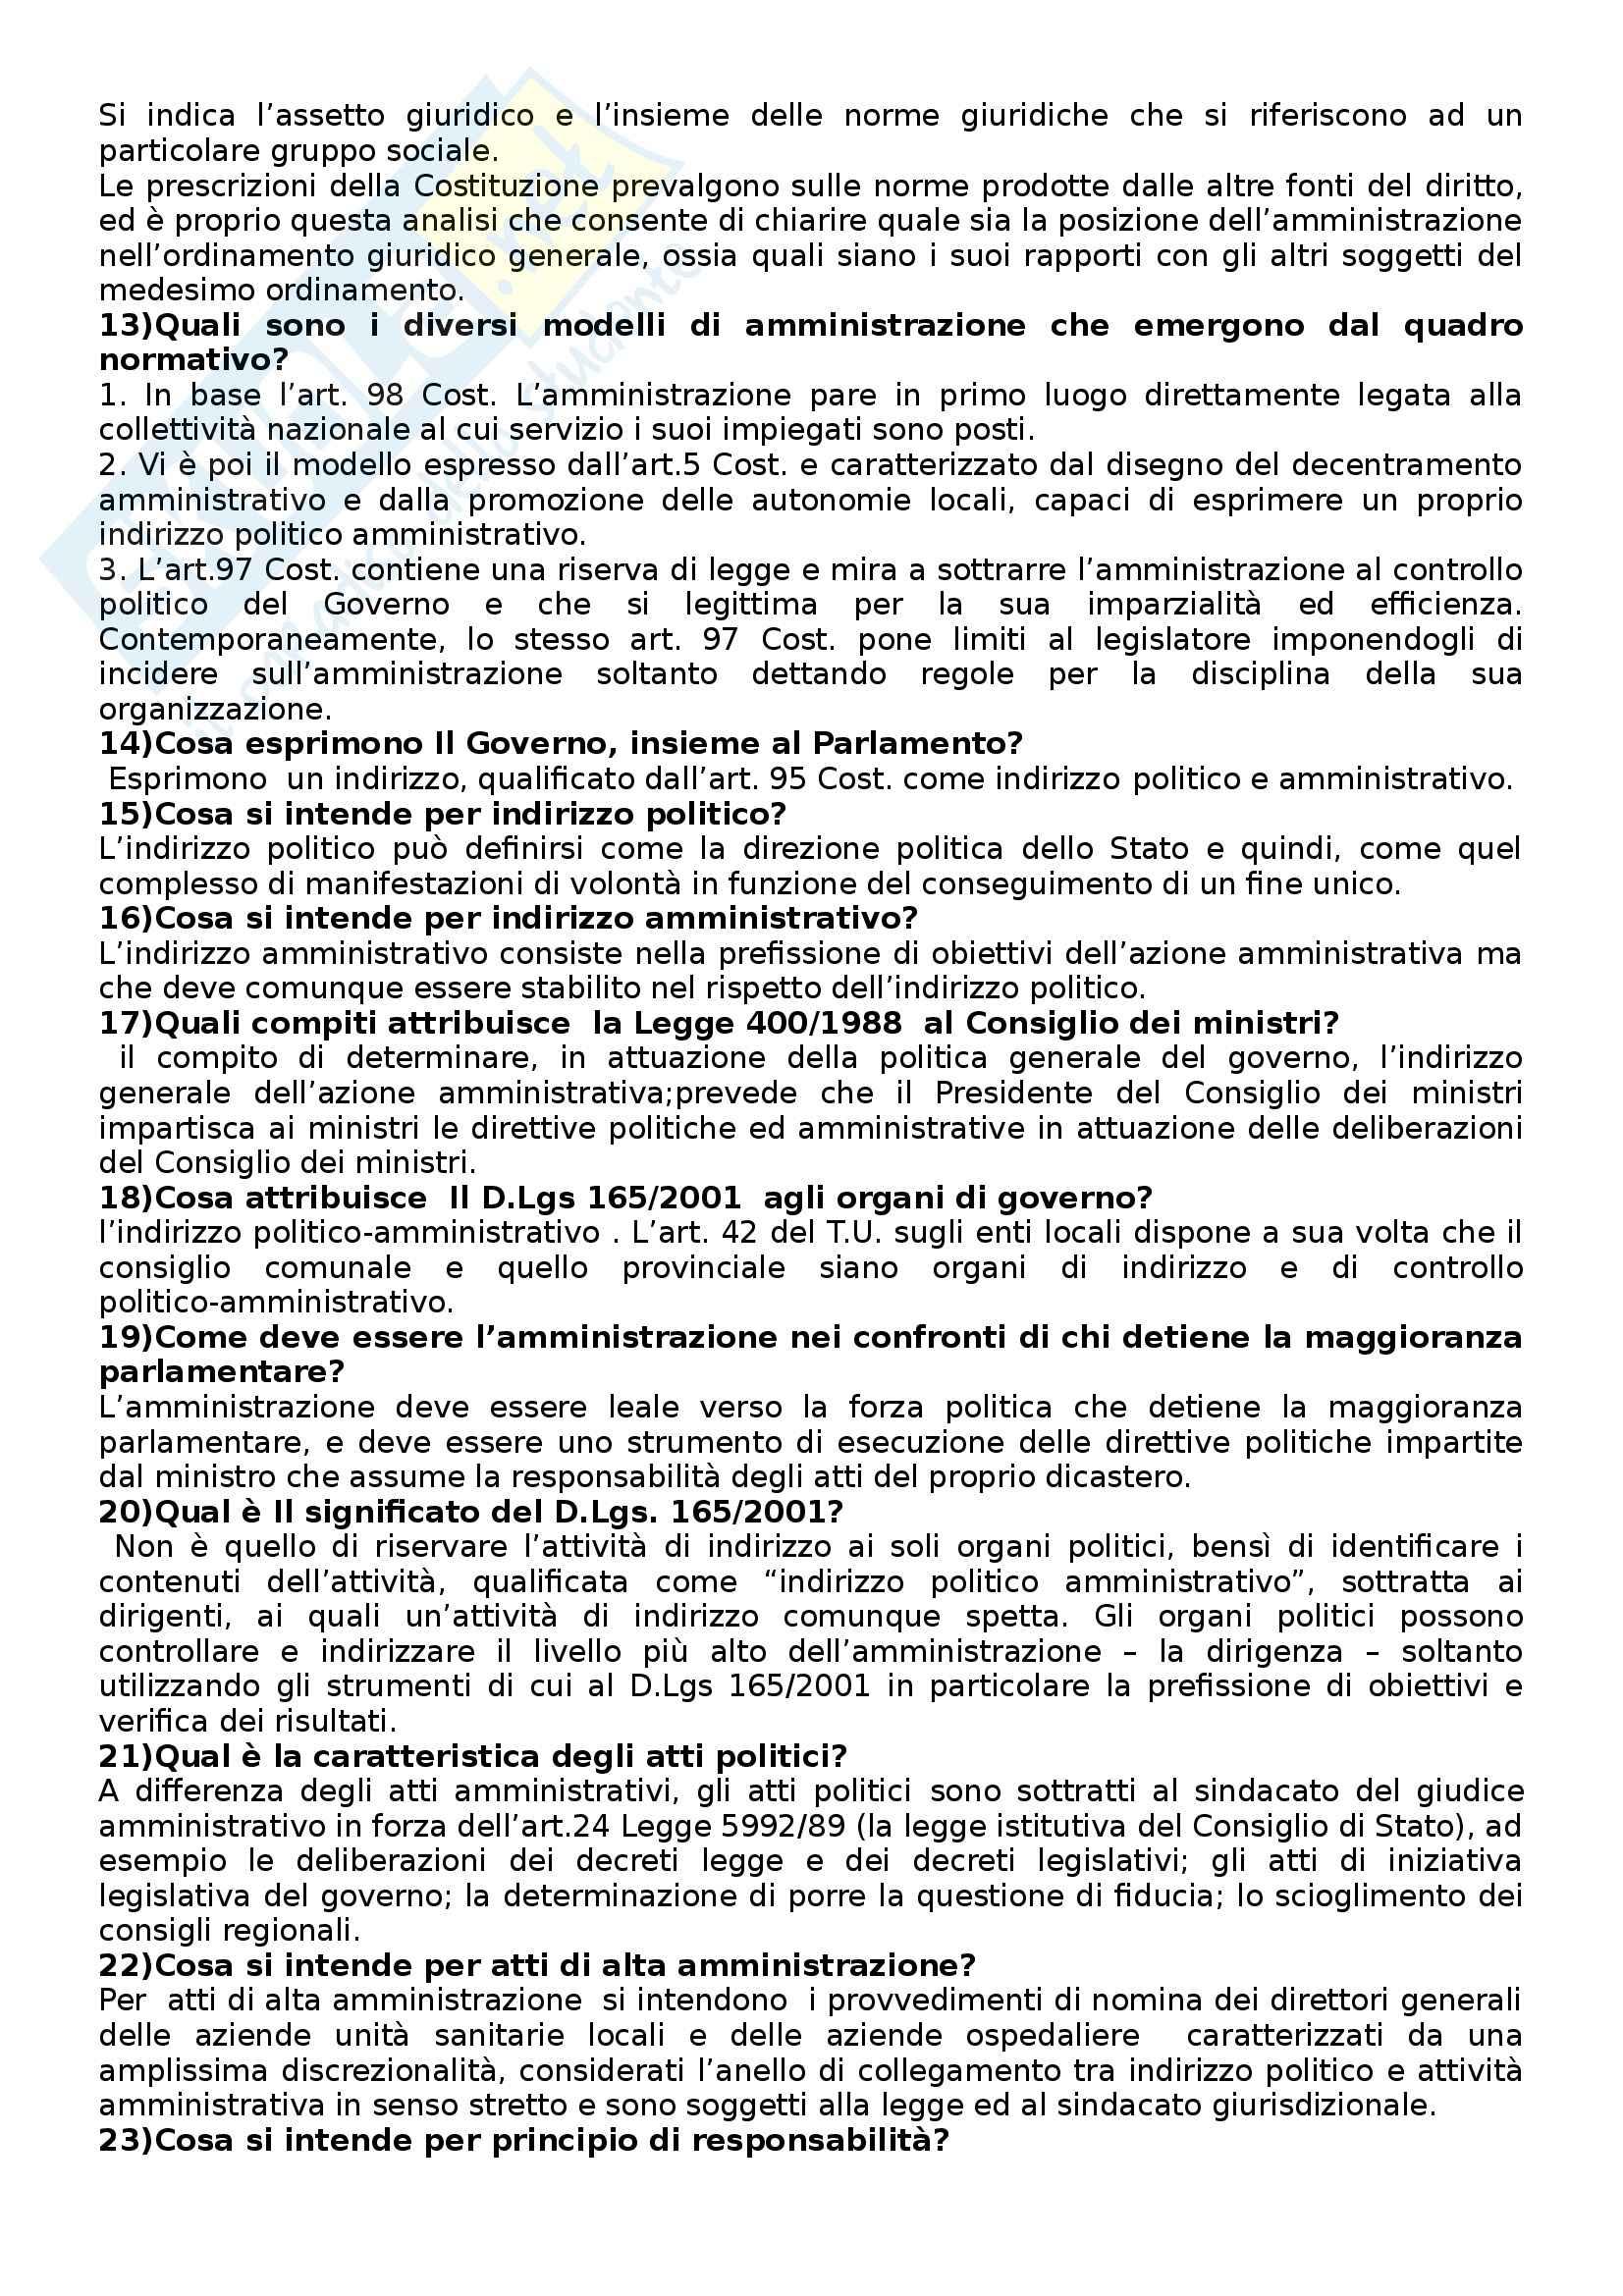 Diritto amministrativo - Domande Pag. 2